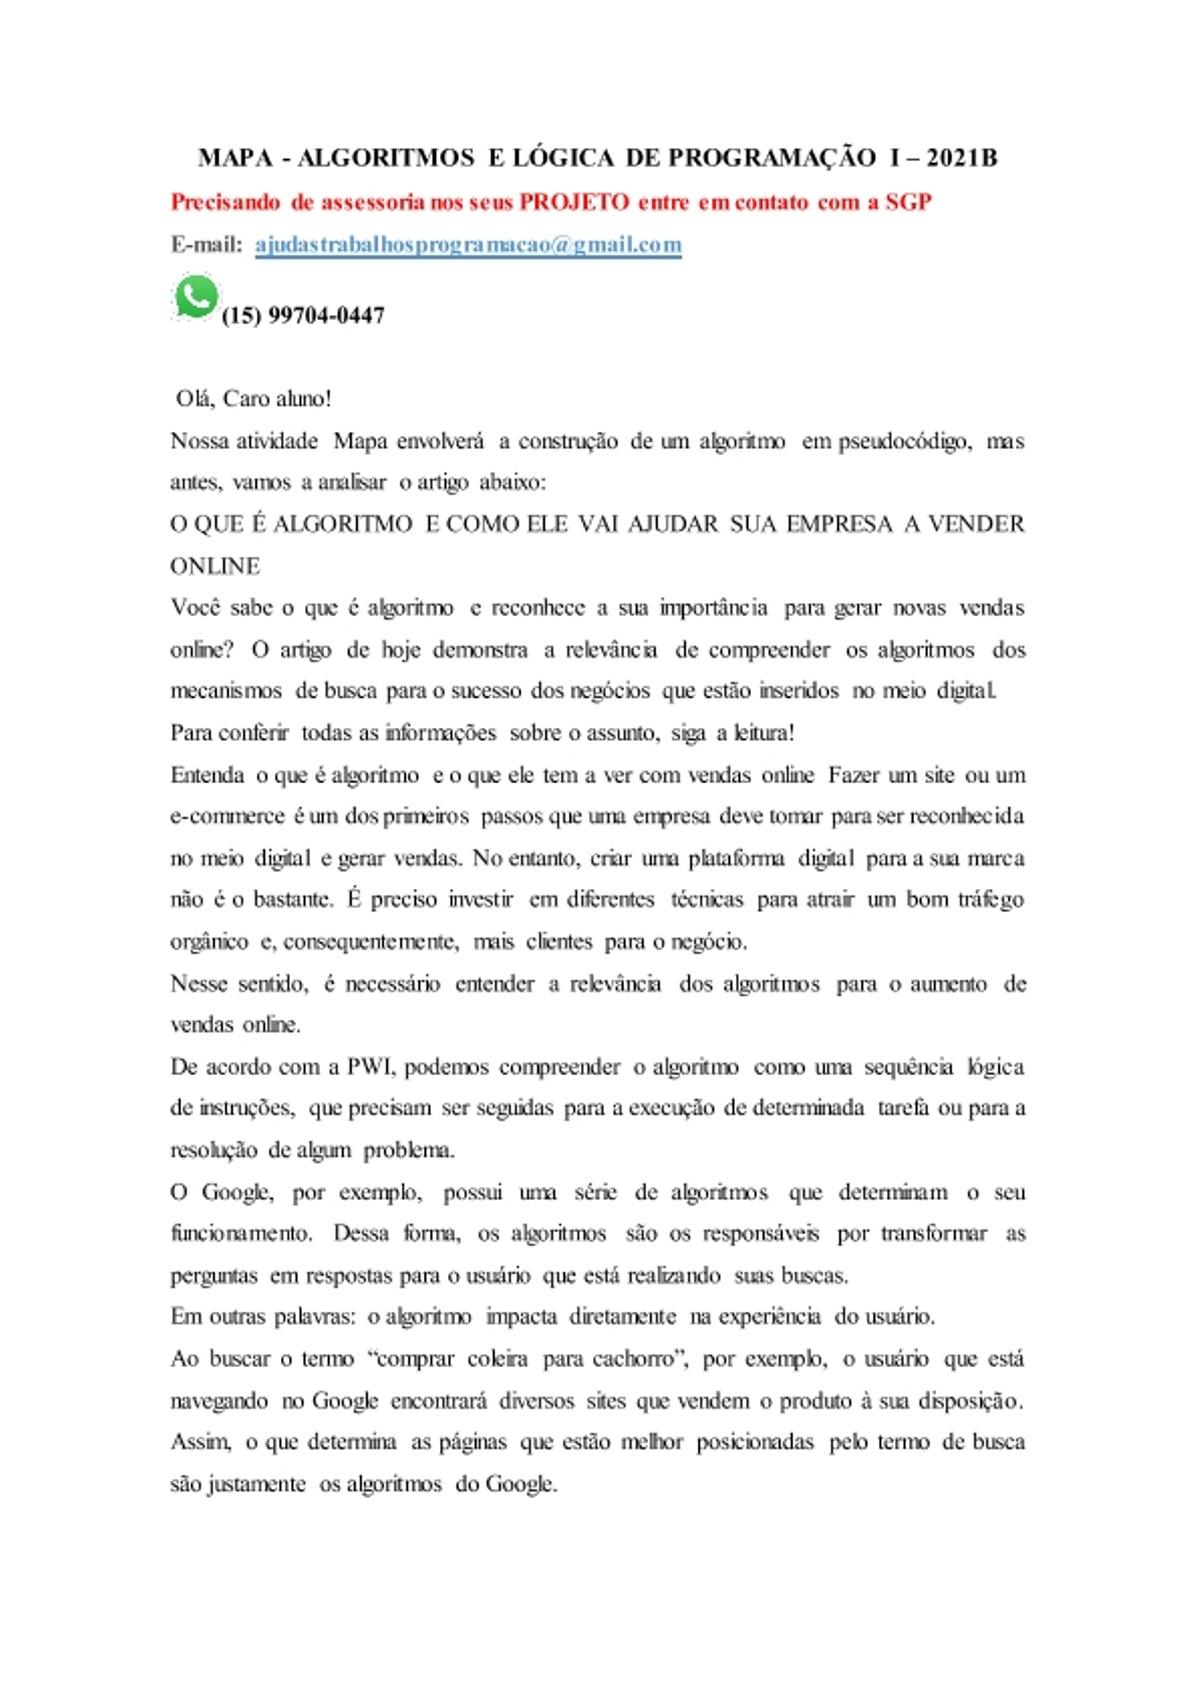 Pre-visualização do material MAPA  ALGORITMOS E LÓGICA DE PROGRAMAÇÃO I - página 1